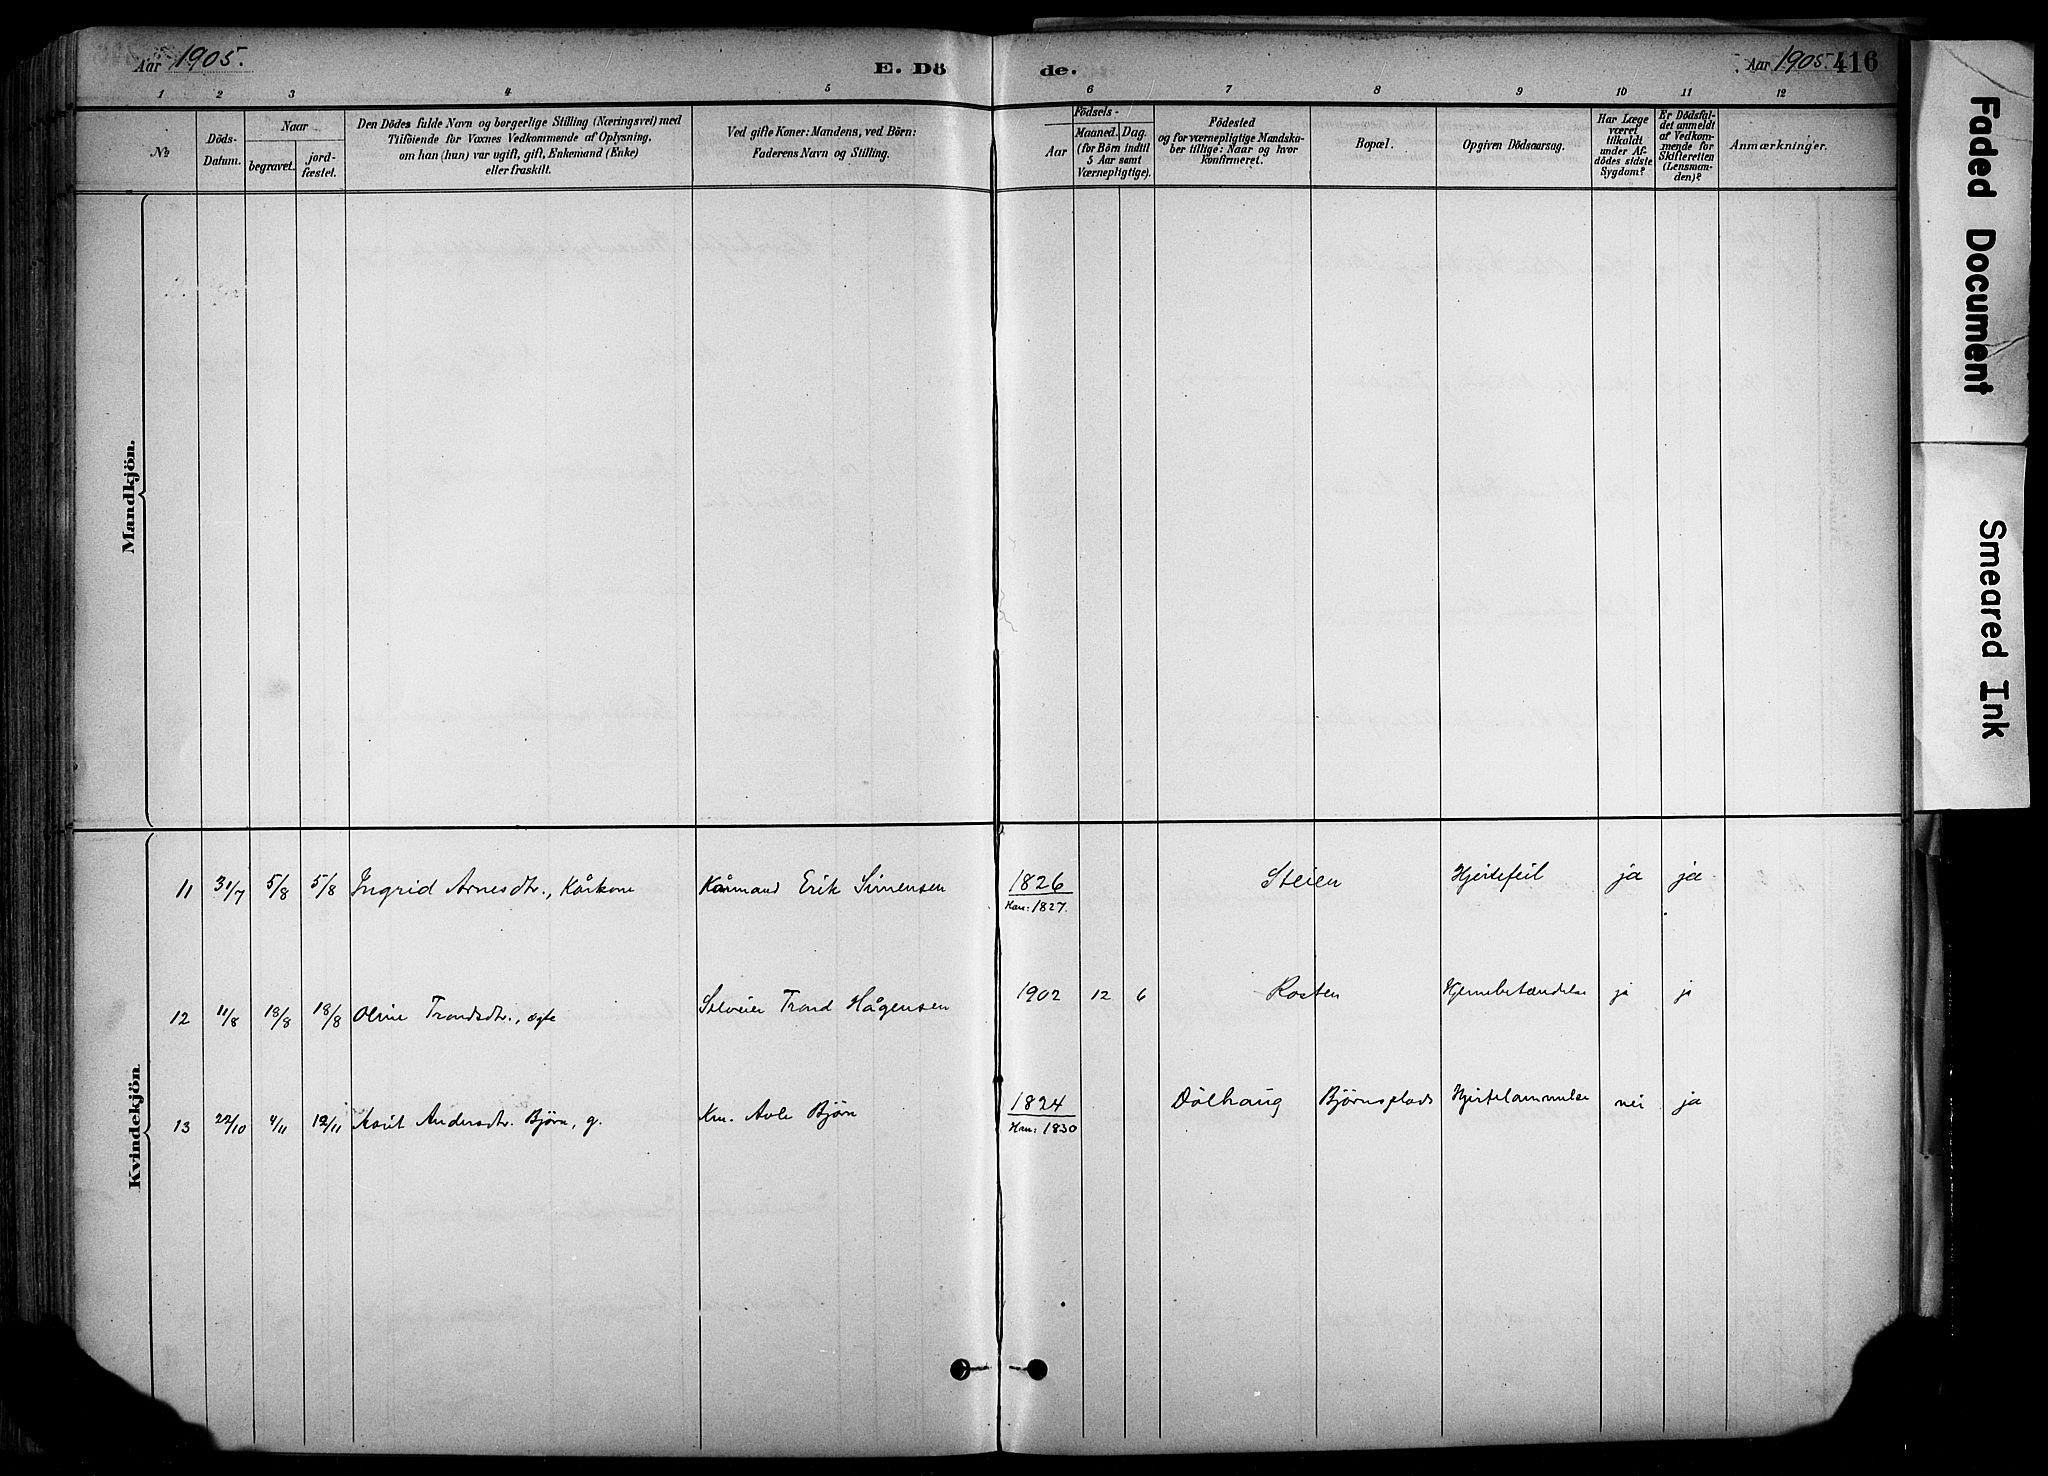 SAH, Alvdal prestekontor, Ministerialbok nr. 2, 1883-1906, s. 416